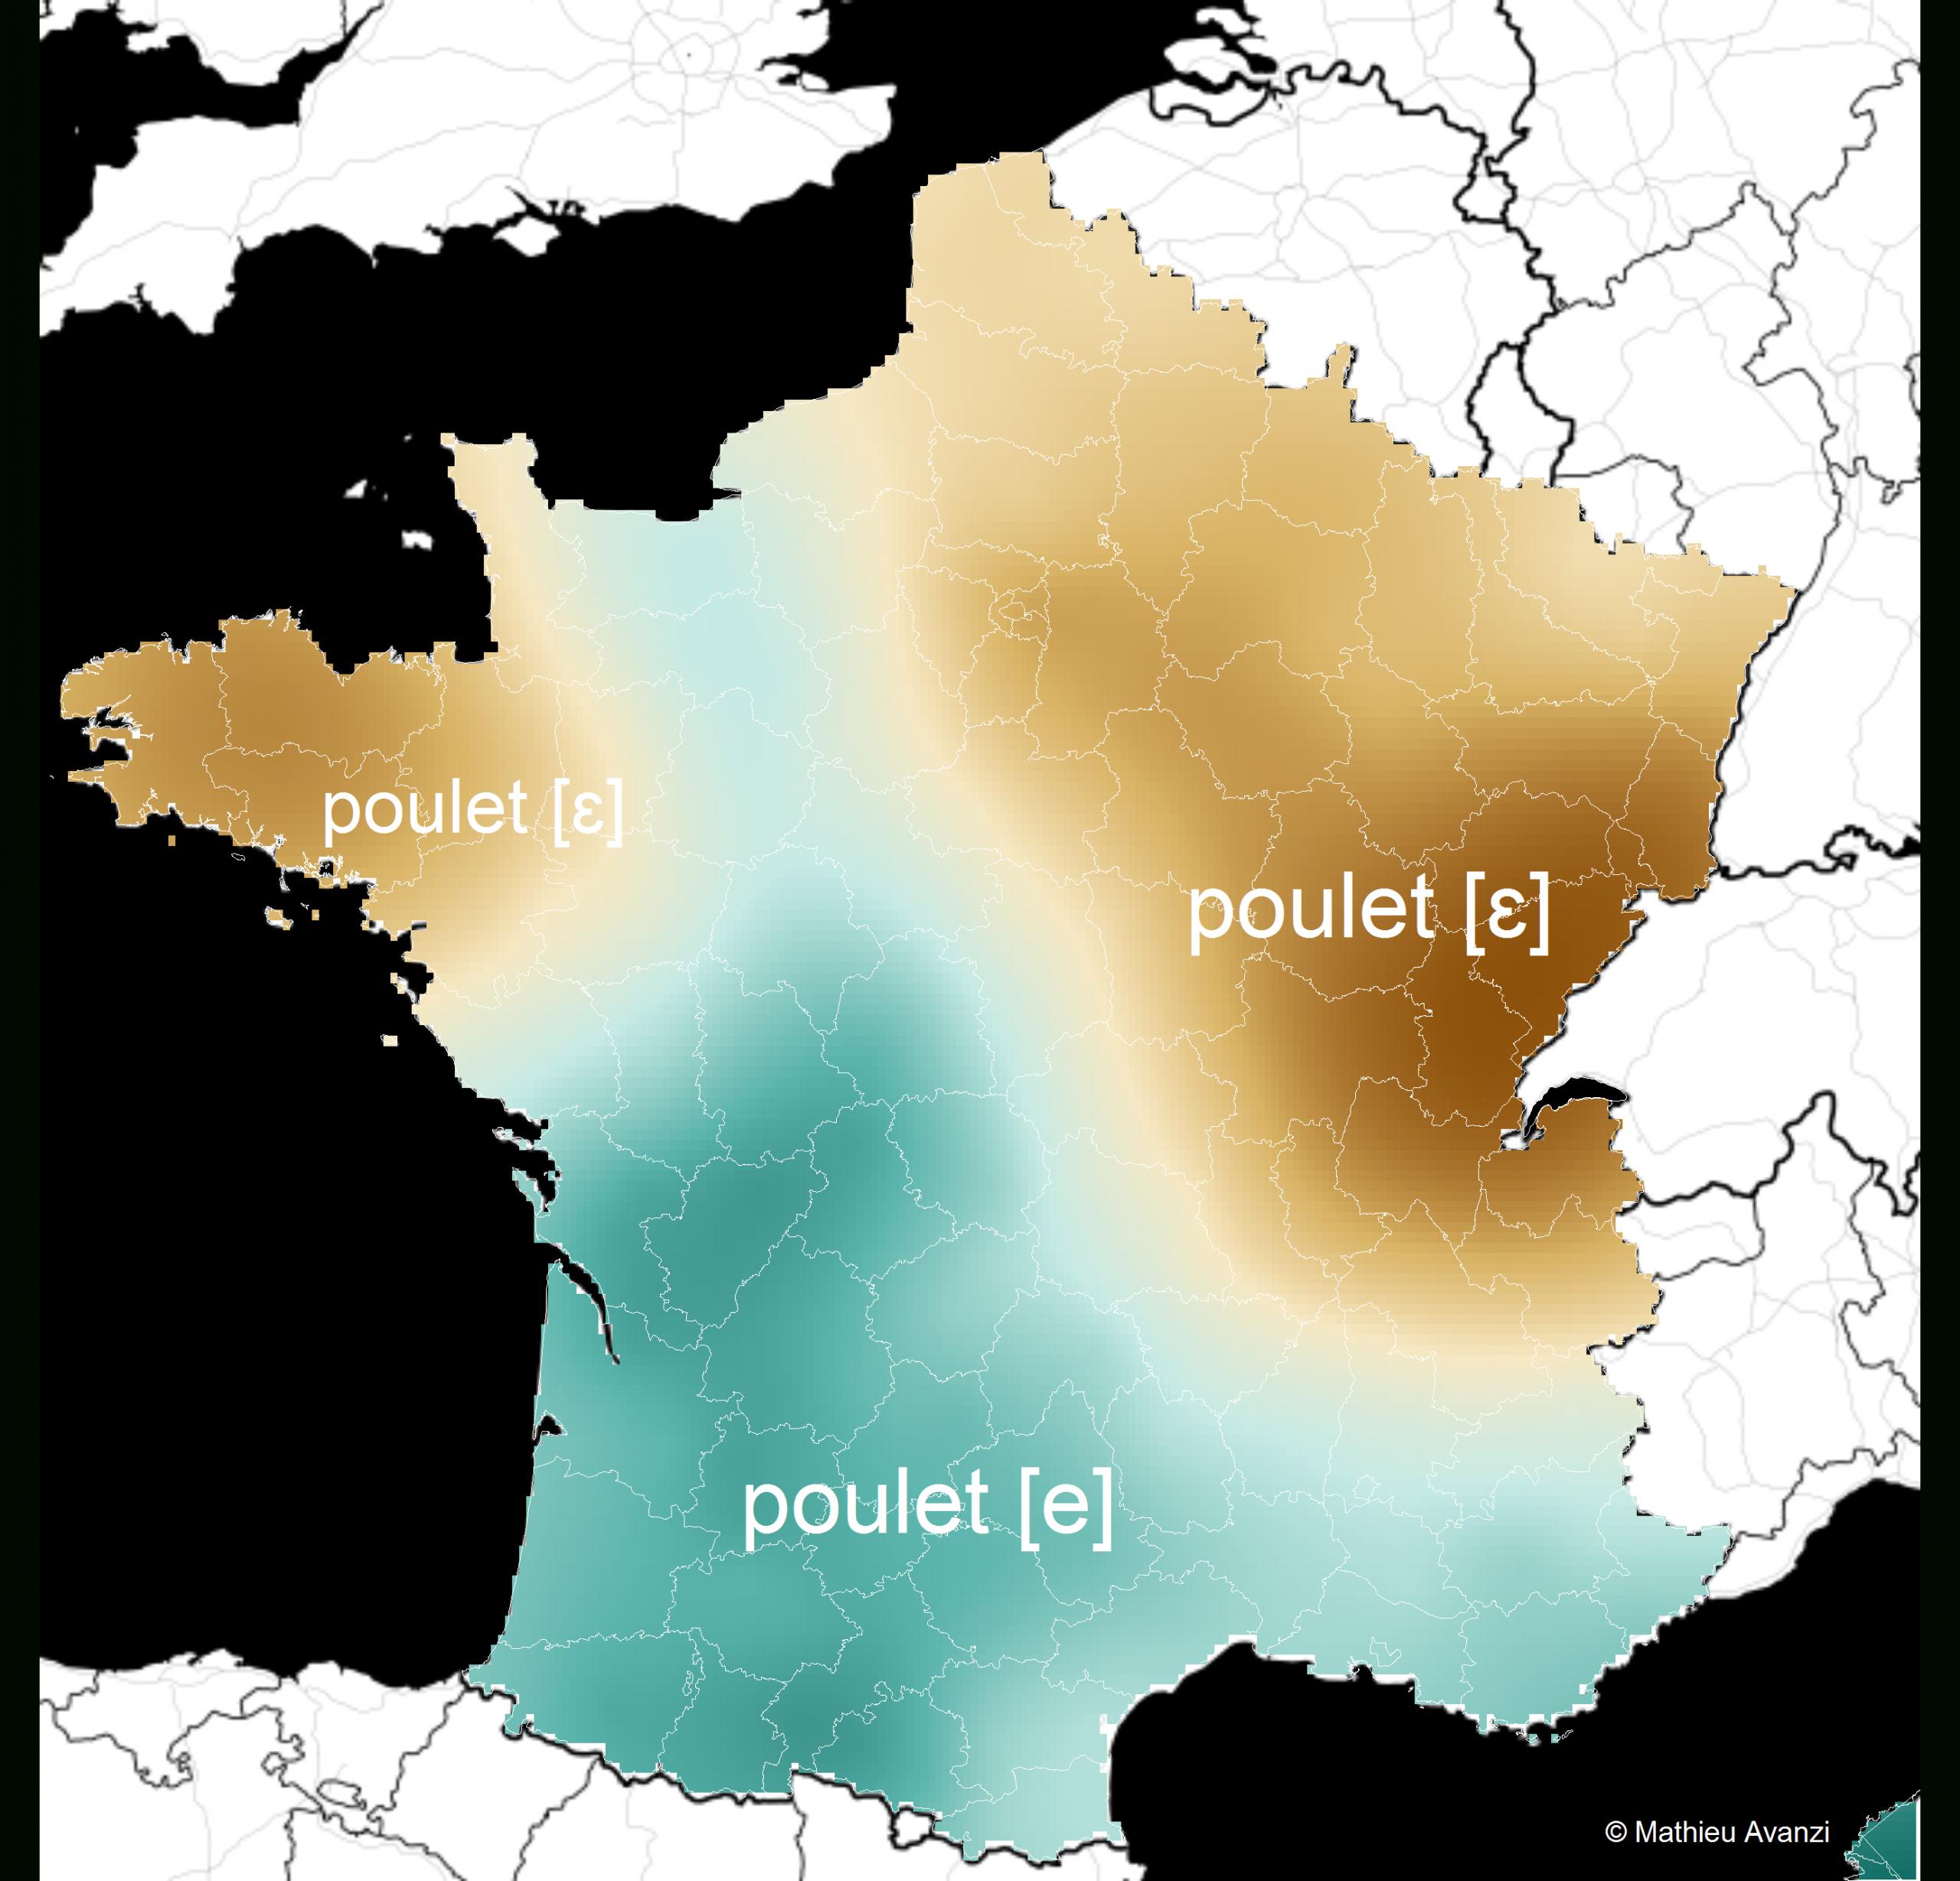 Ces Mots Qui Ne Se Prononcent Pas De La Même Façon D'un Bout destiné Liste Des Régions Françaises